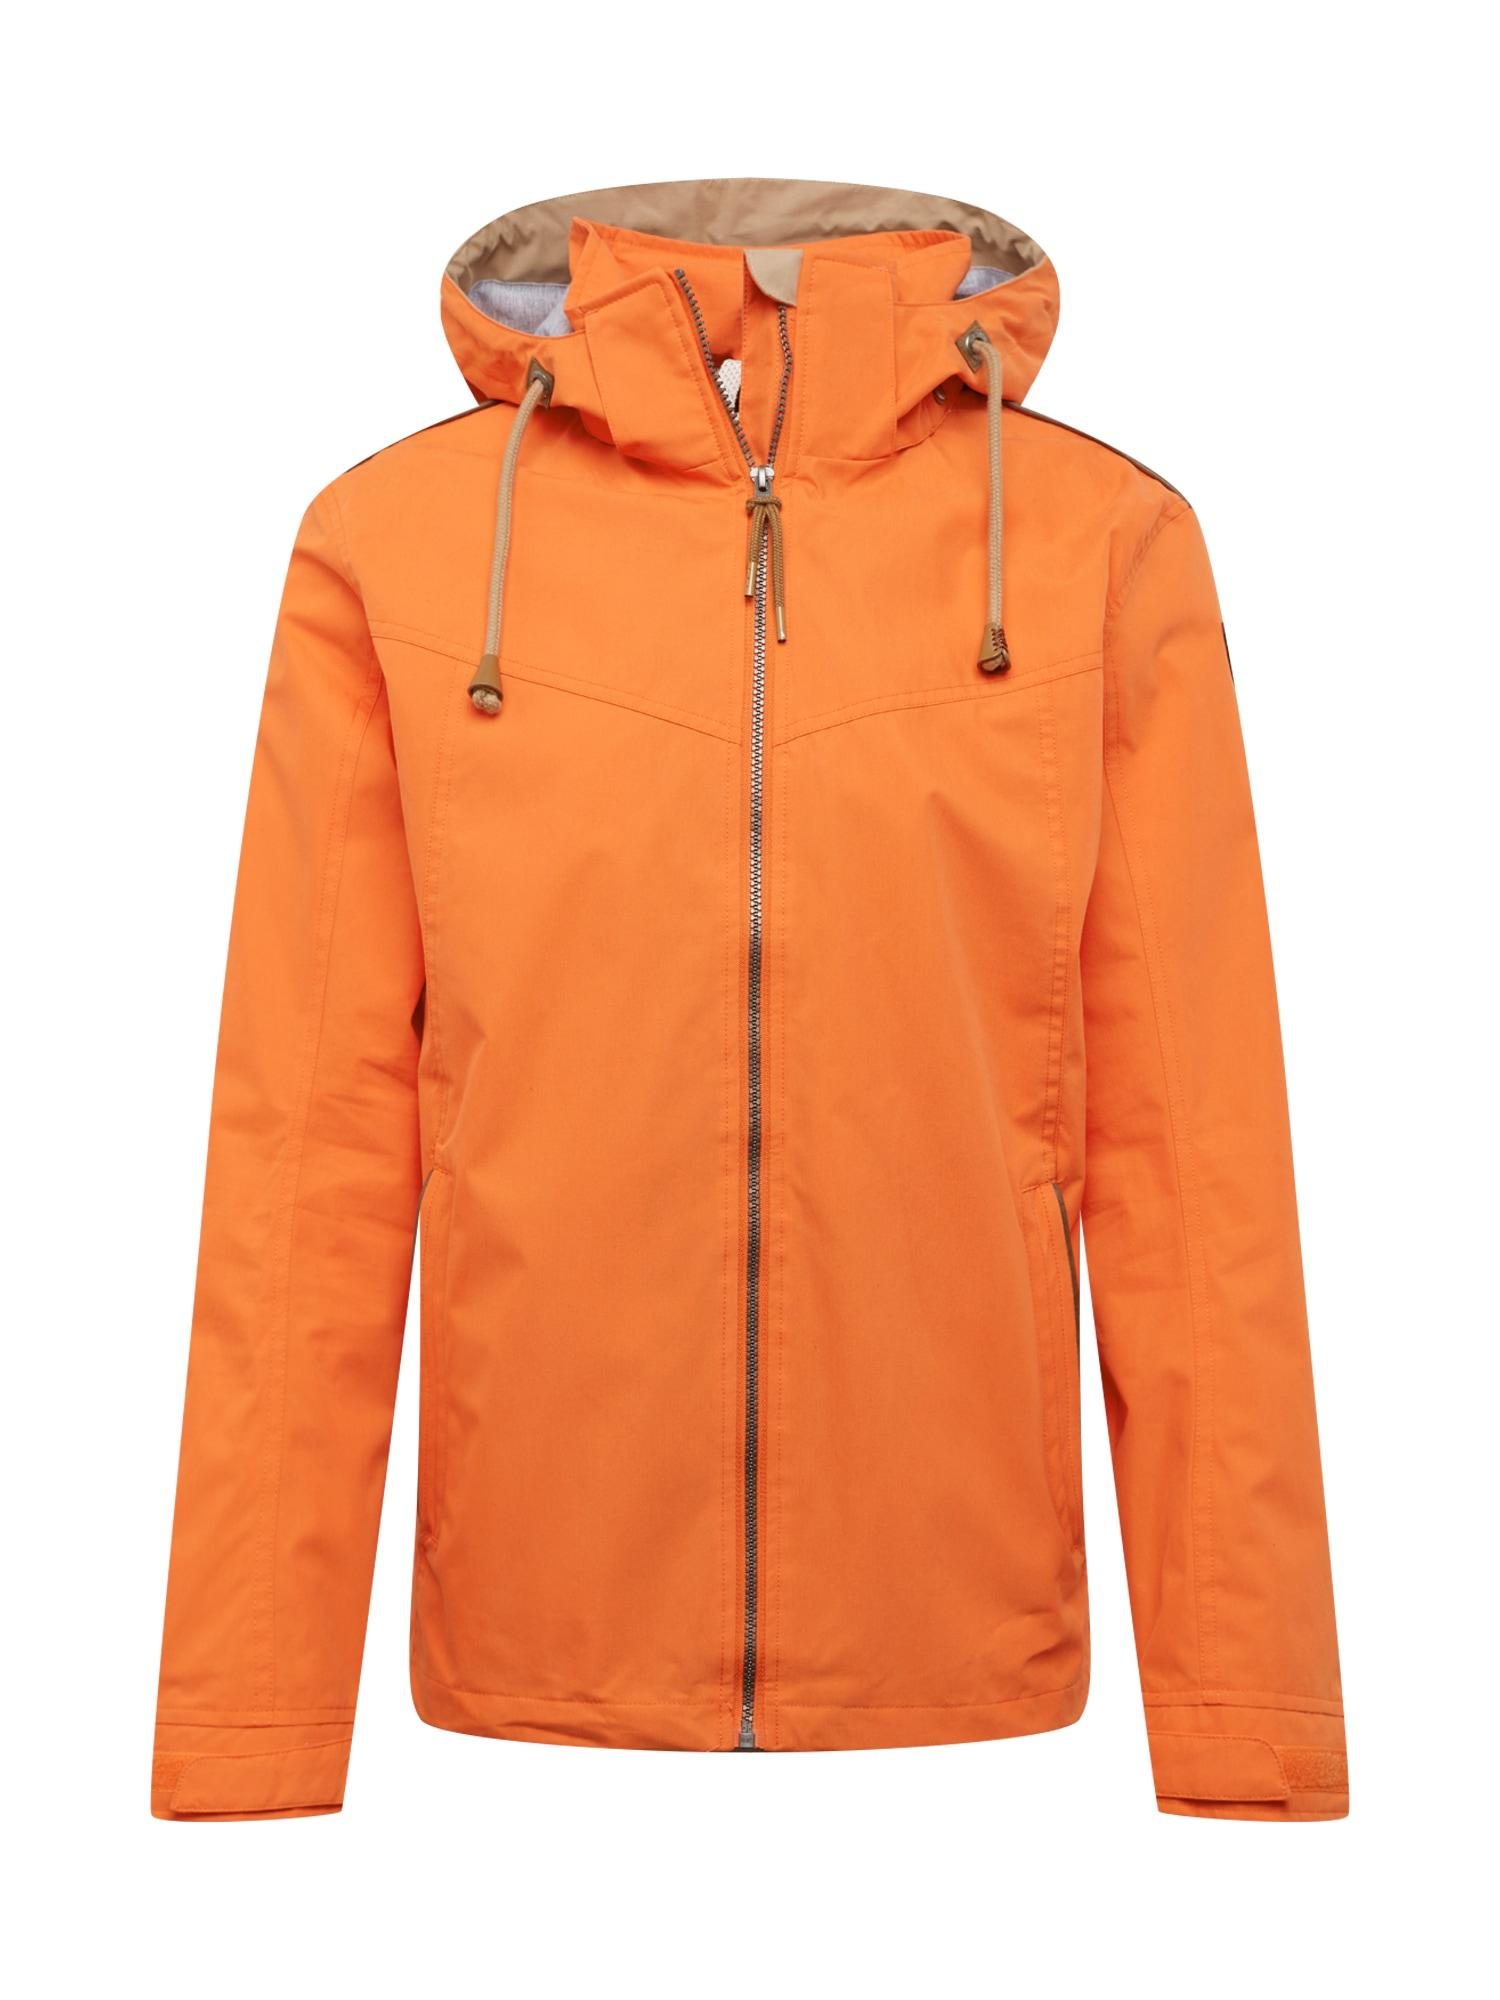 ICEPEAK Sportinė striukė oranžinė